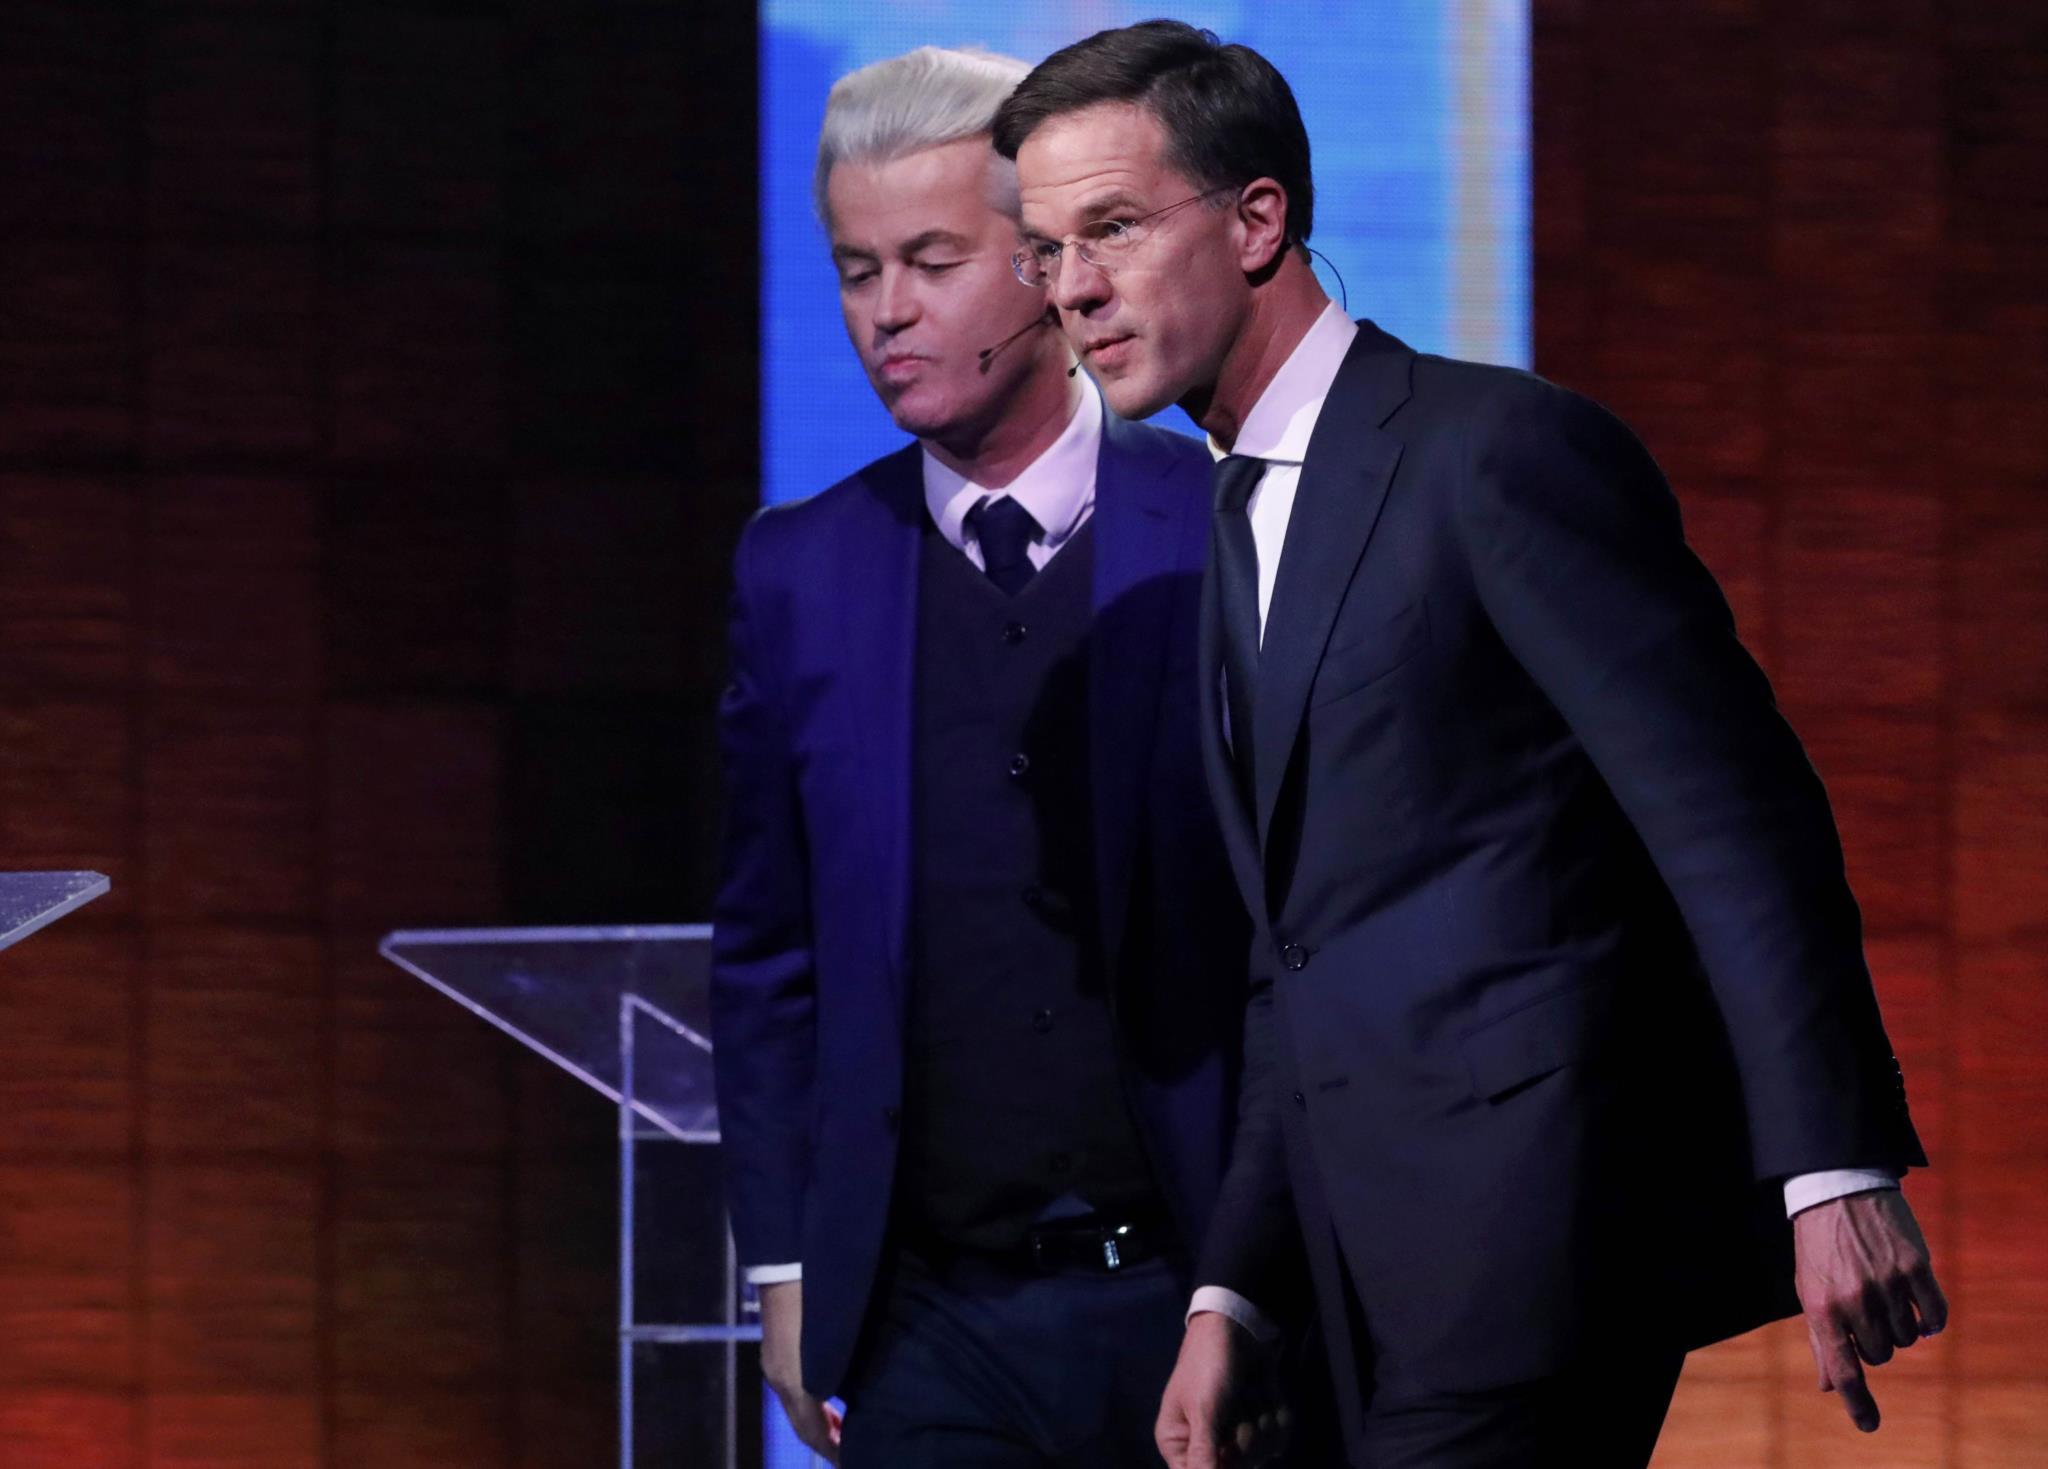 A tensão com a Turquia foi um dos temas do debate entre Rutte e Wilders